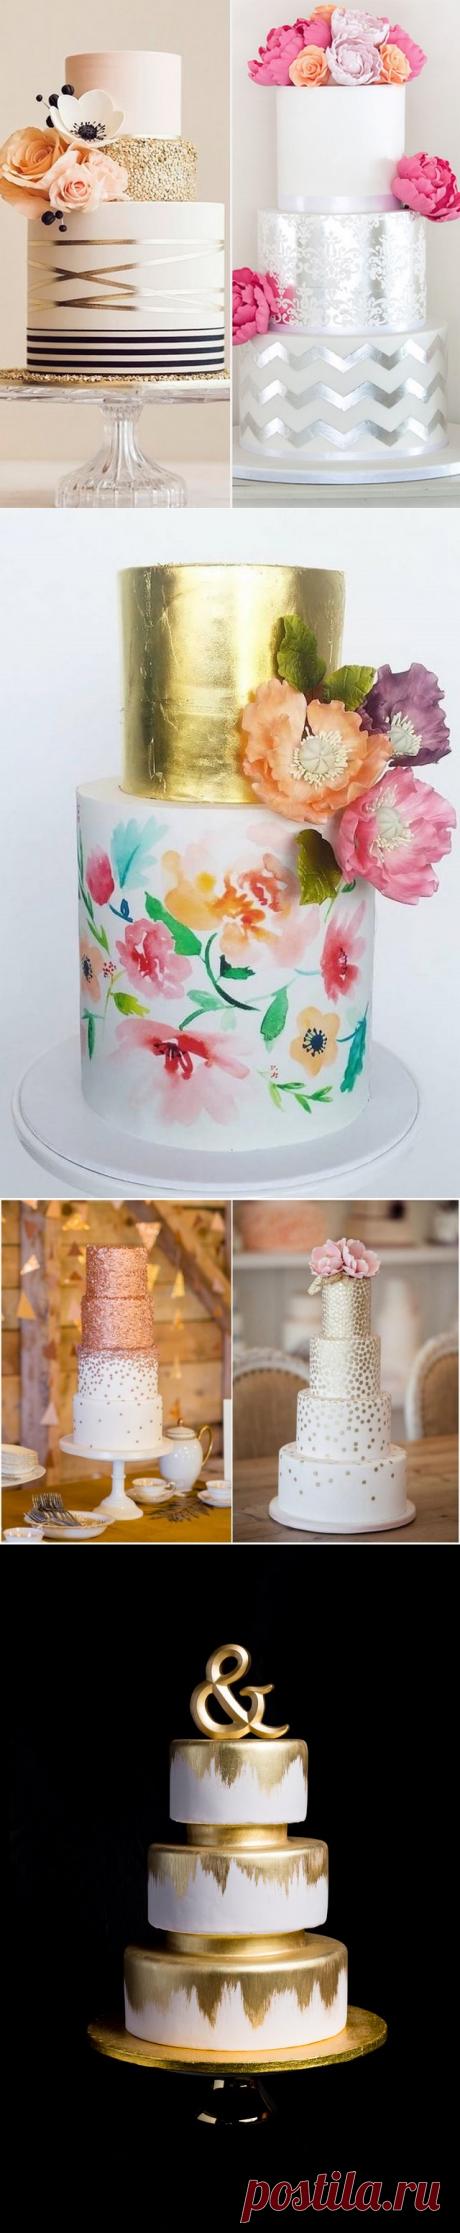 красивые свадебные торты в стиле металлик, украшенные сусальным золотом и серебром